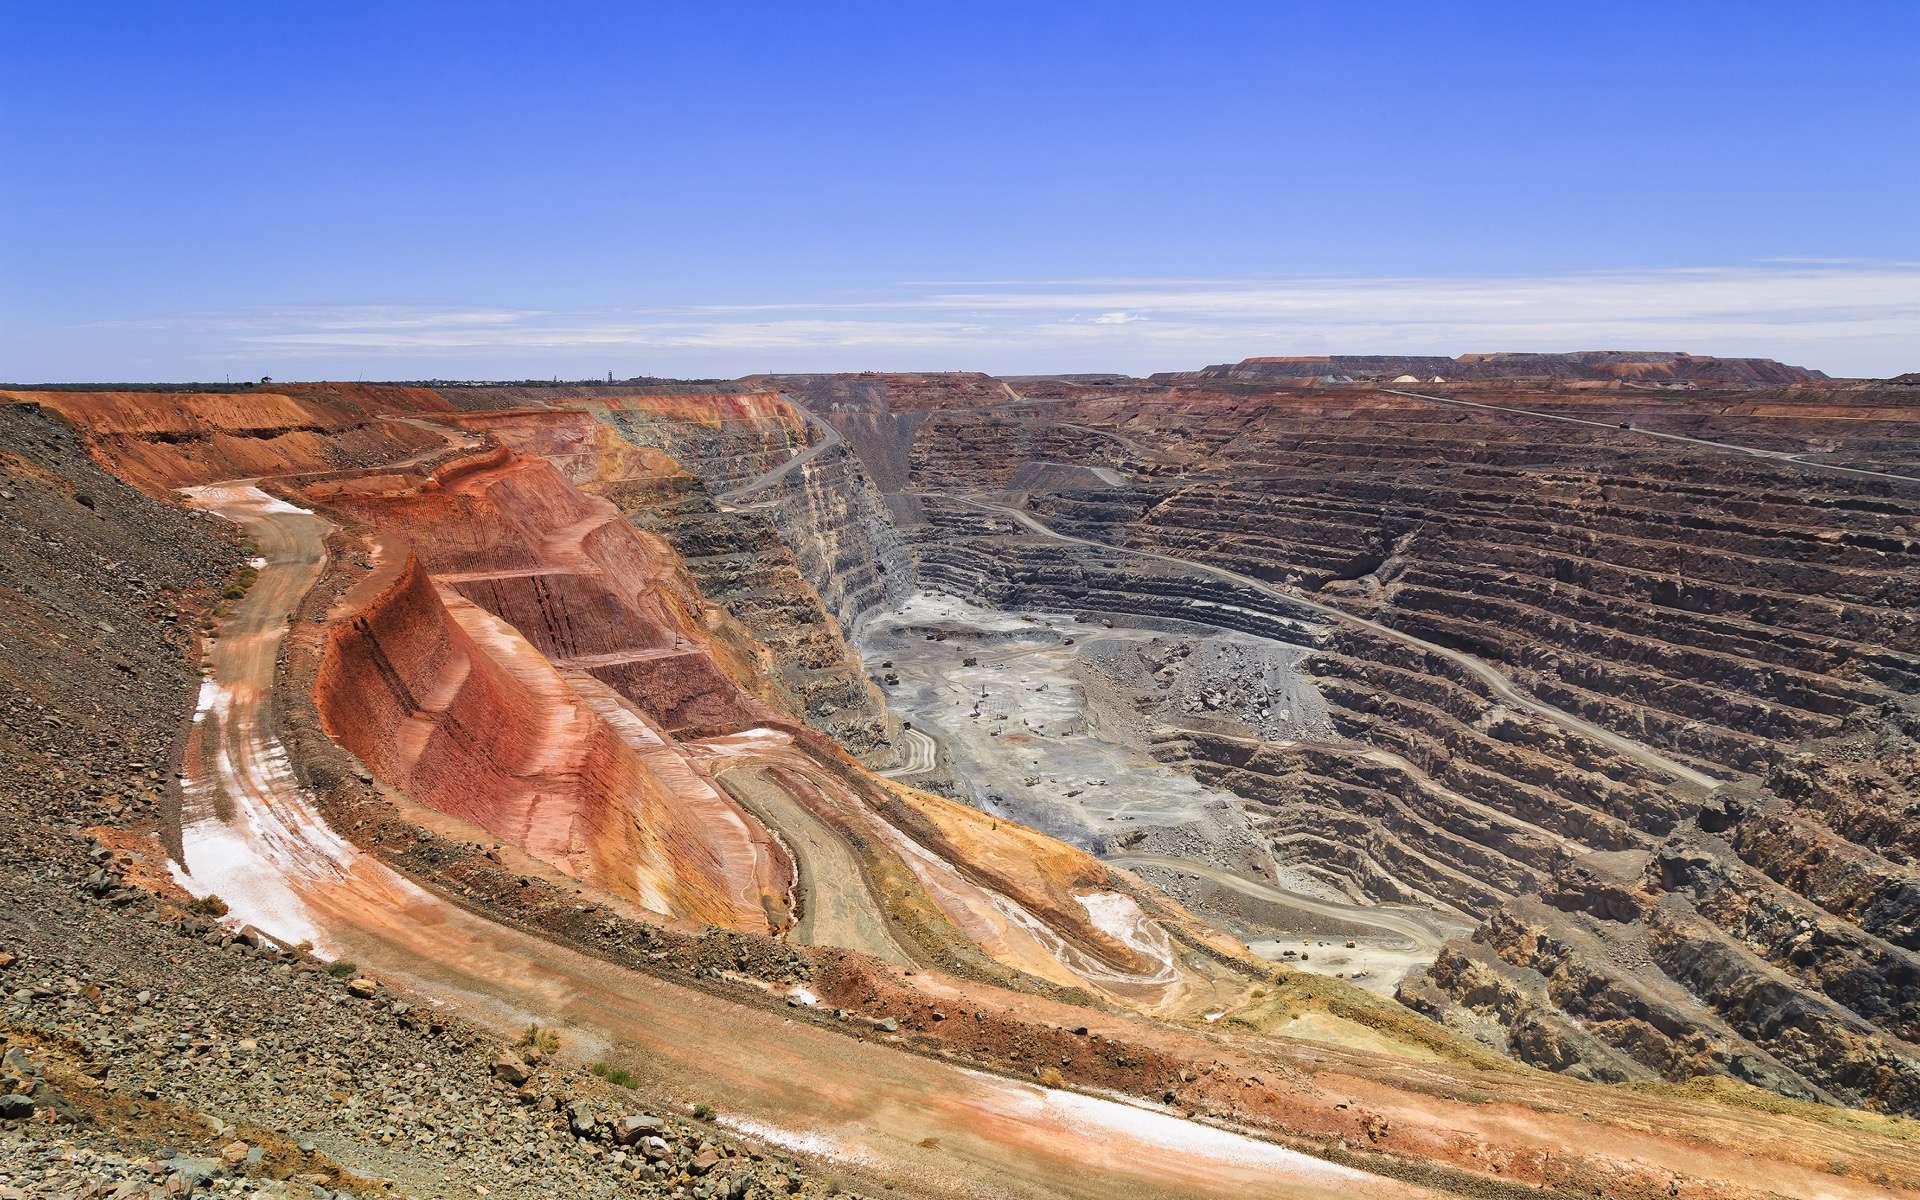 La mine d'or à ciel ouvert Super Pit, à Kargoorlie, en Australie Occidentale. © Taras Vyshnya, Adobe Stock